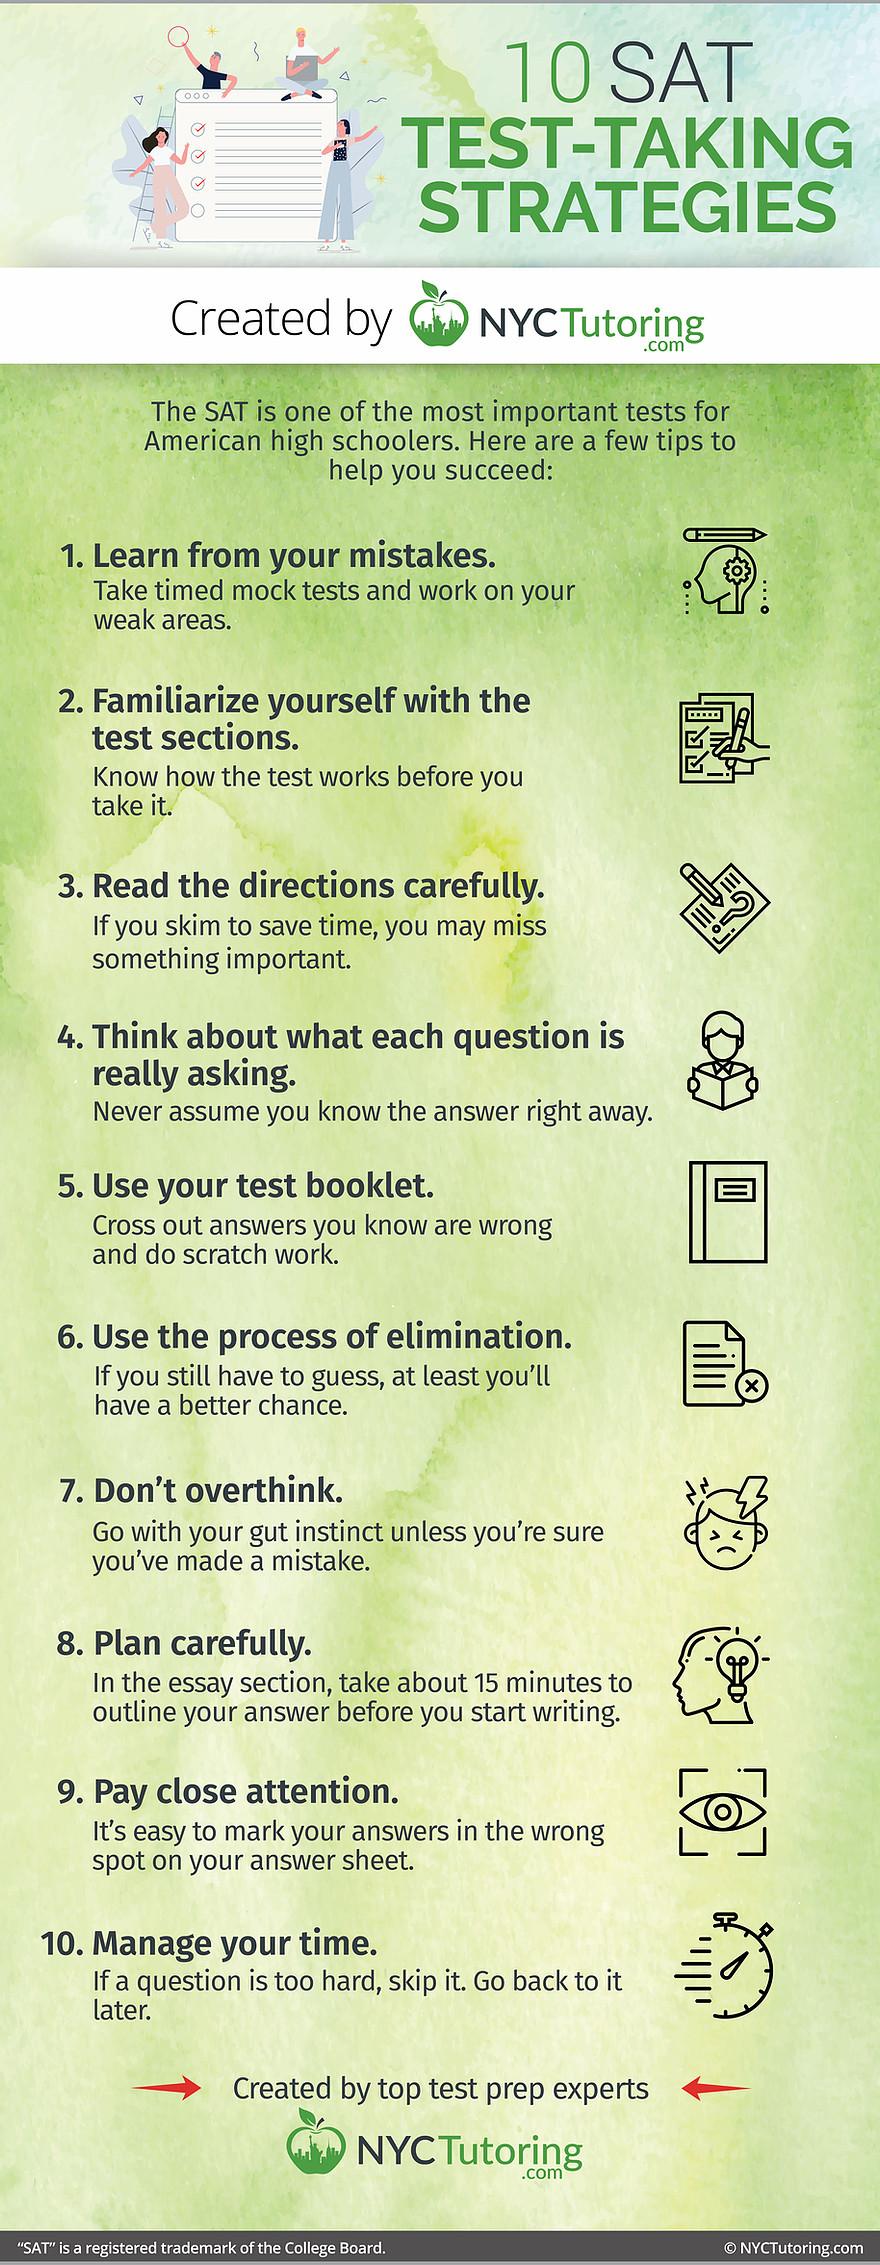 10 SAT Test-Taking Strategies